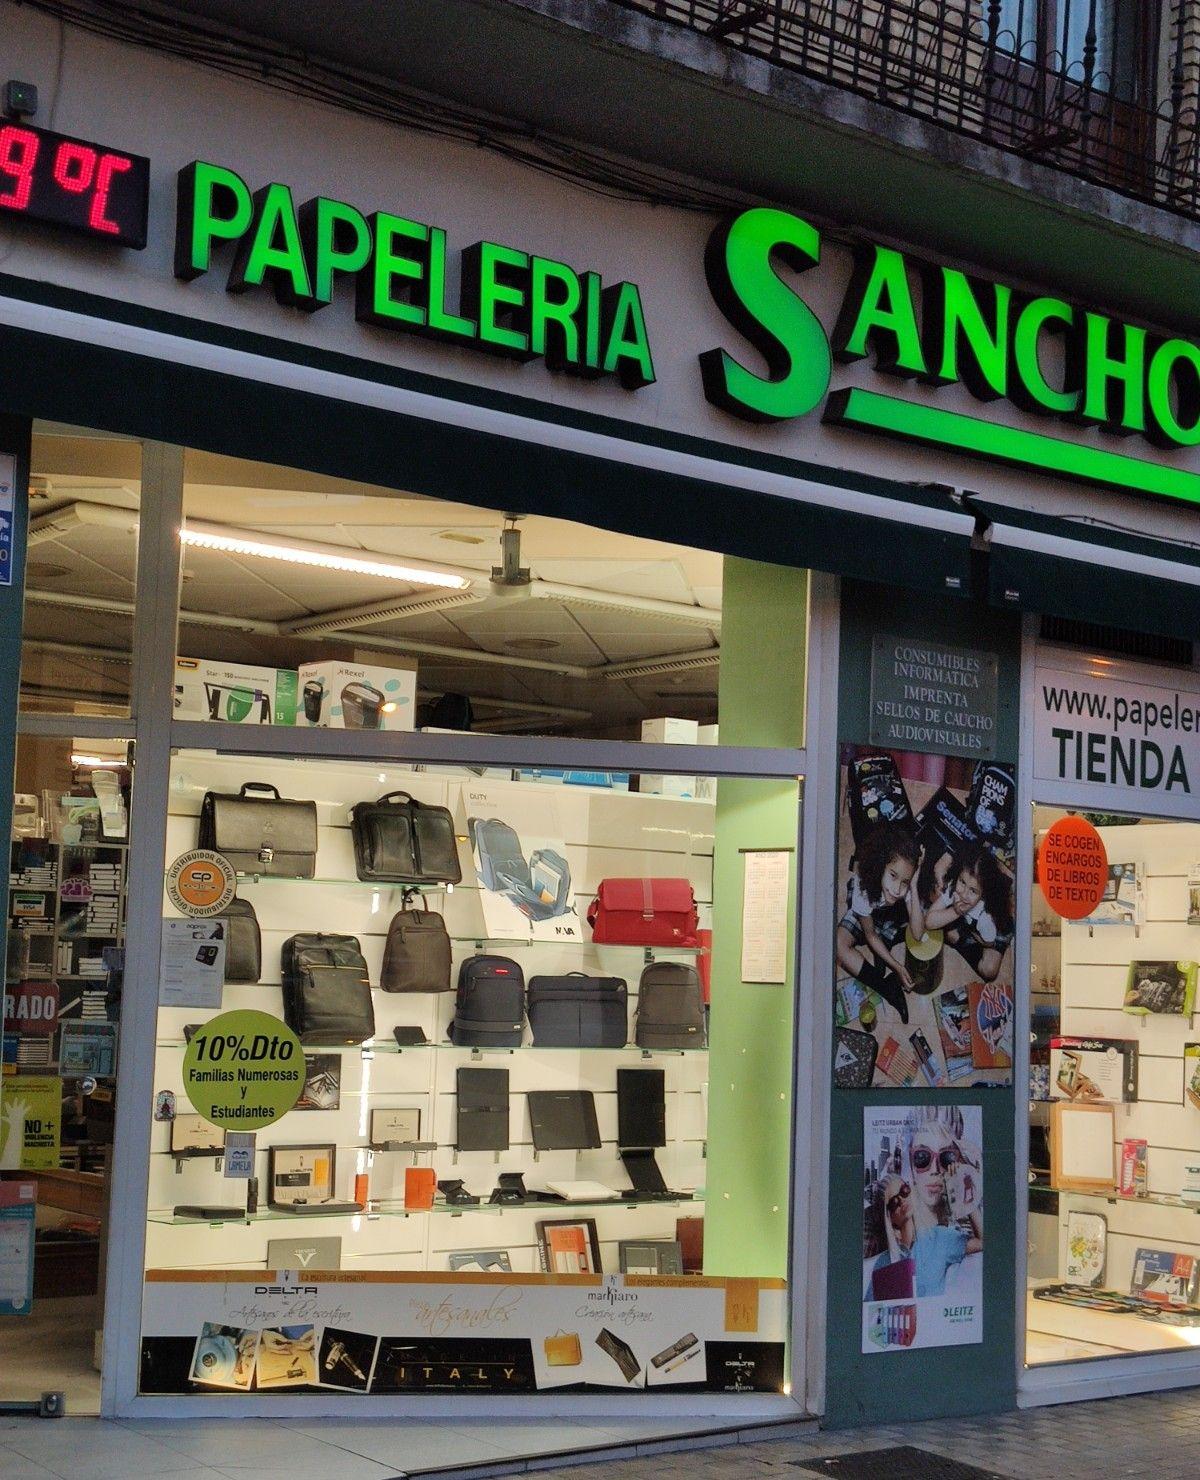 Lo mejor de Papelería Sancho's al mejor precio